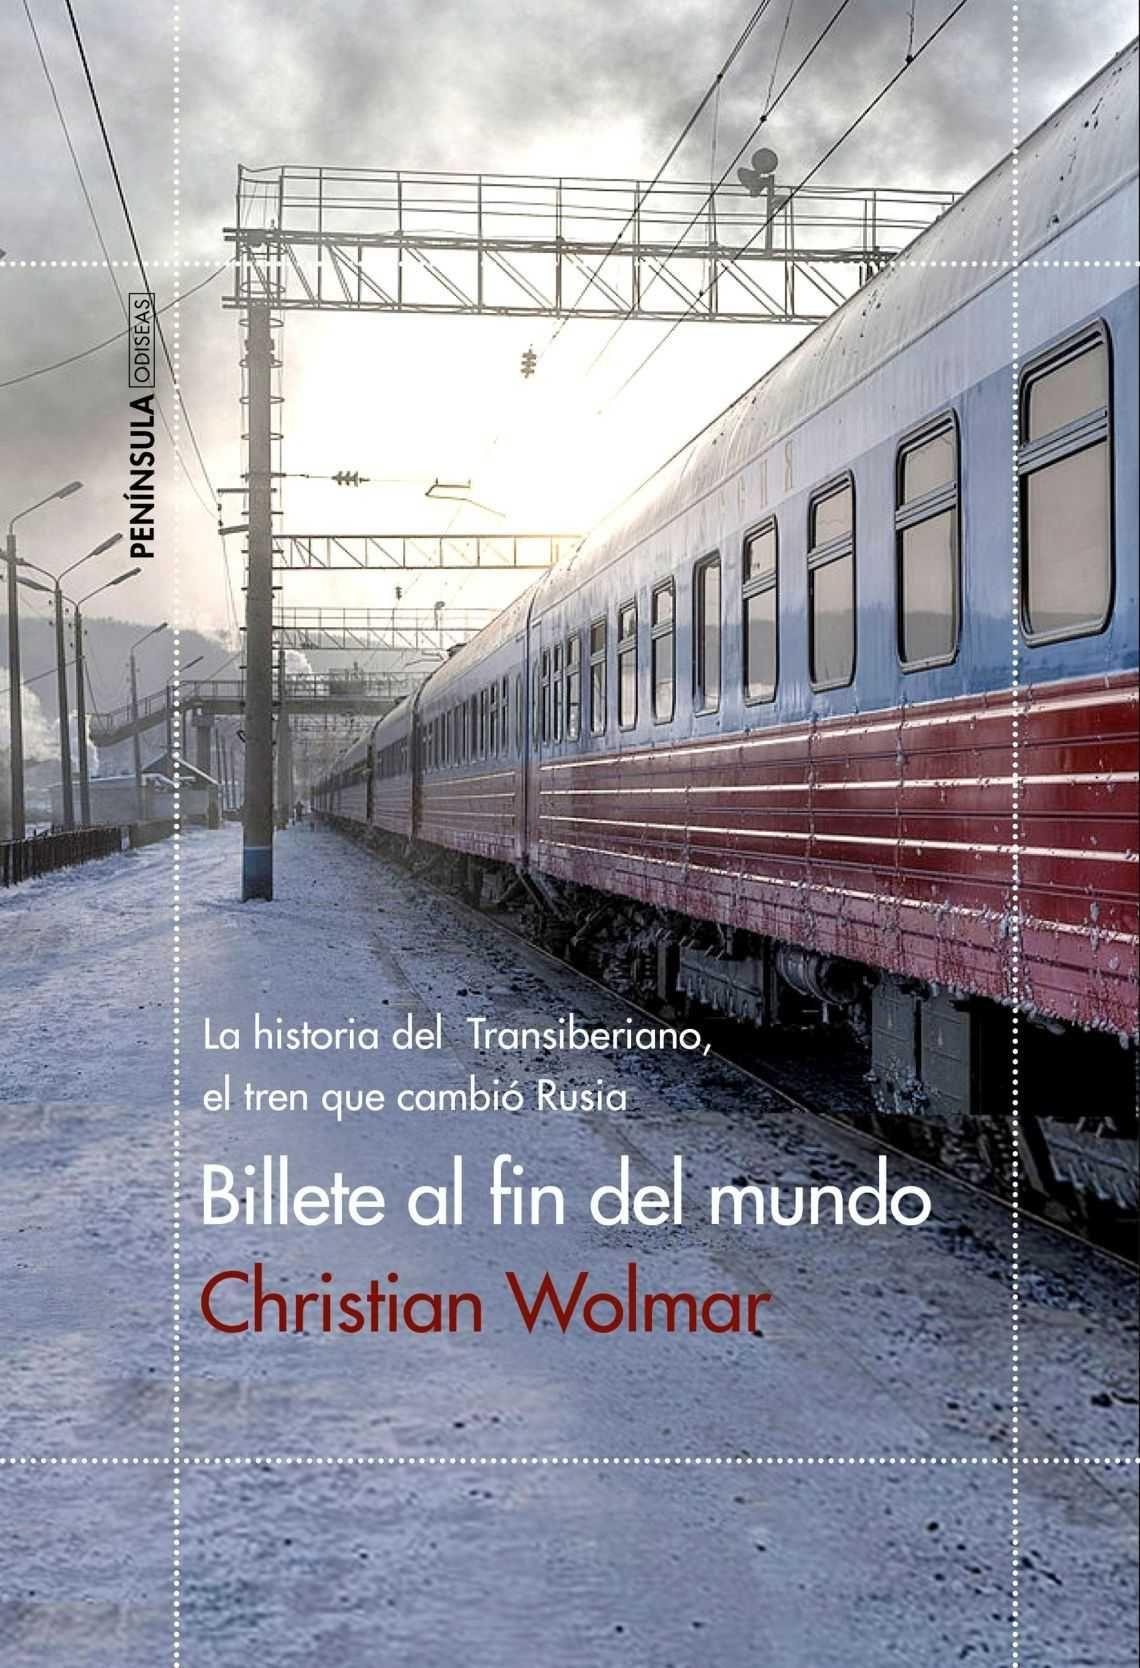 Literatura y trenes: ¡Atentos al cruce de vías!_ Billete al fin del mundo